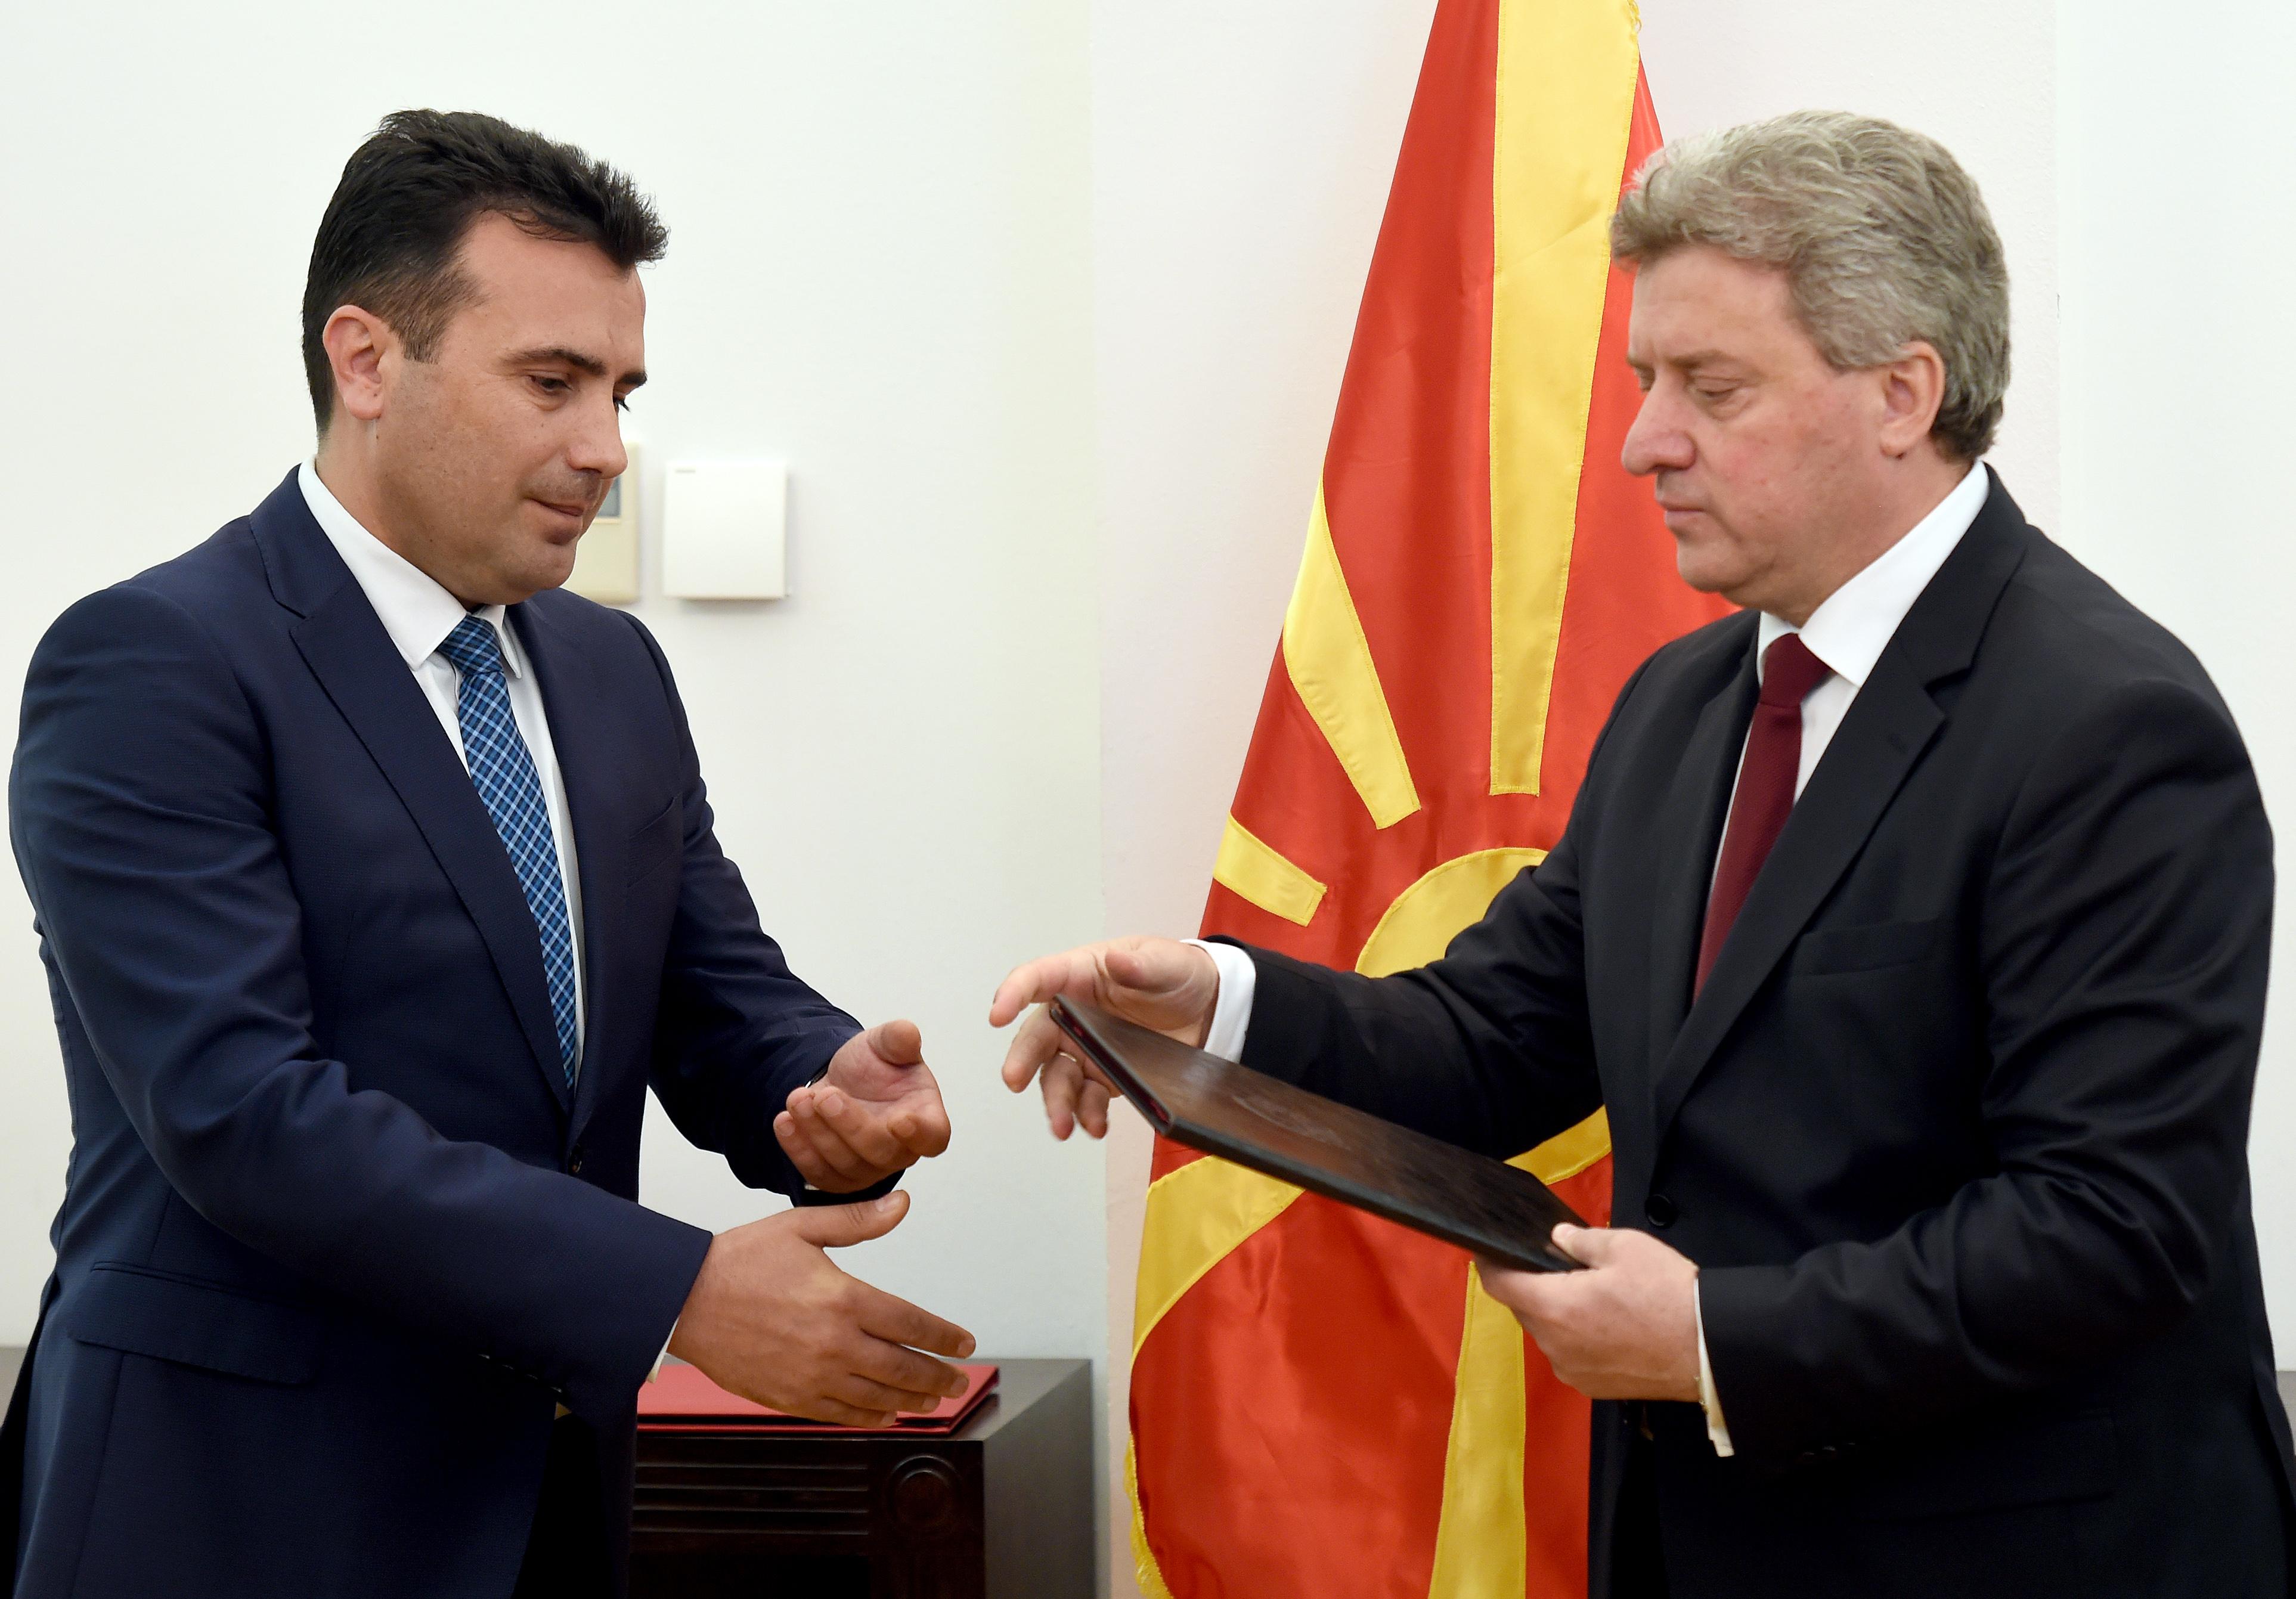 Лидер оппозиции Зоран Заев и президент Македонии Георге Иванов. Фото: EPA